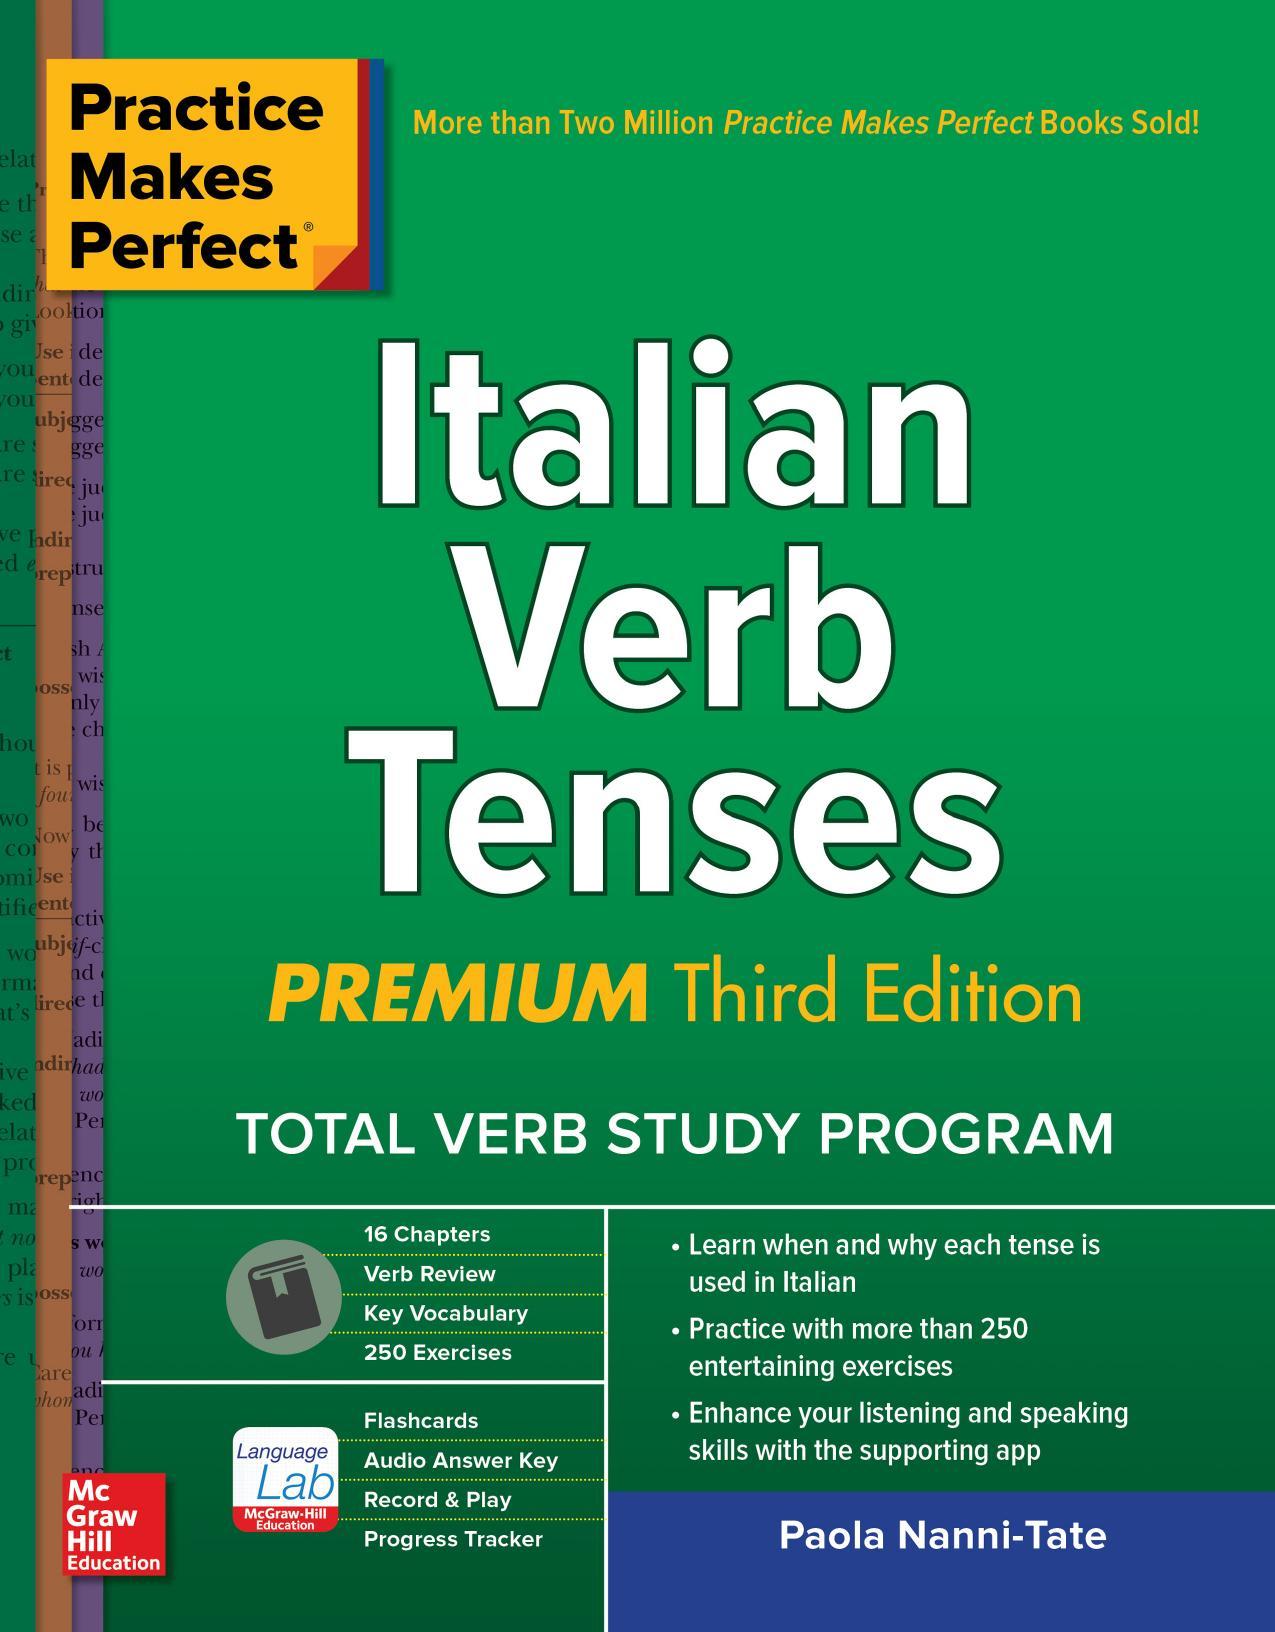 Practice Makes Perfect Italian Verb Tenses Premium 3rd